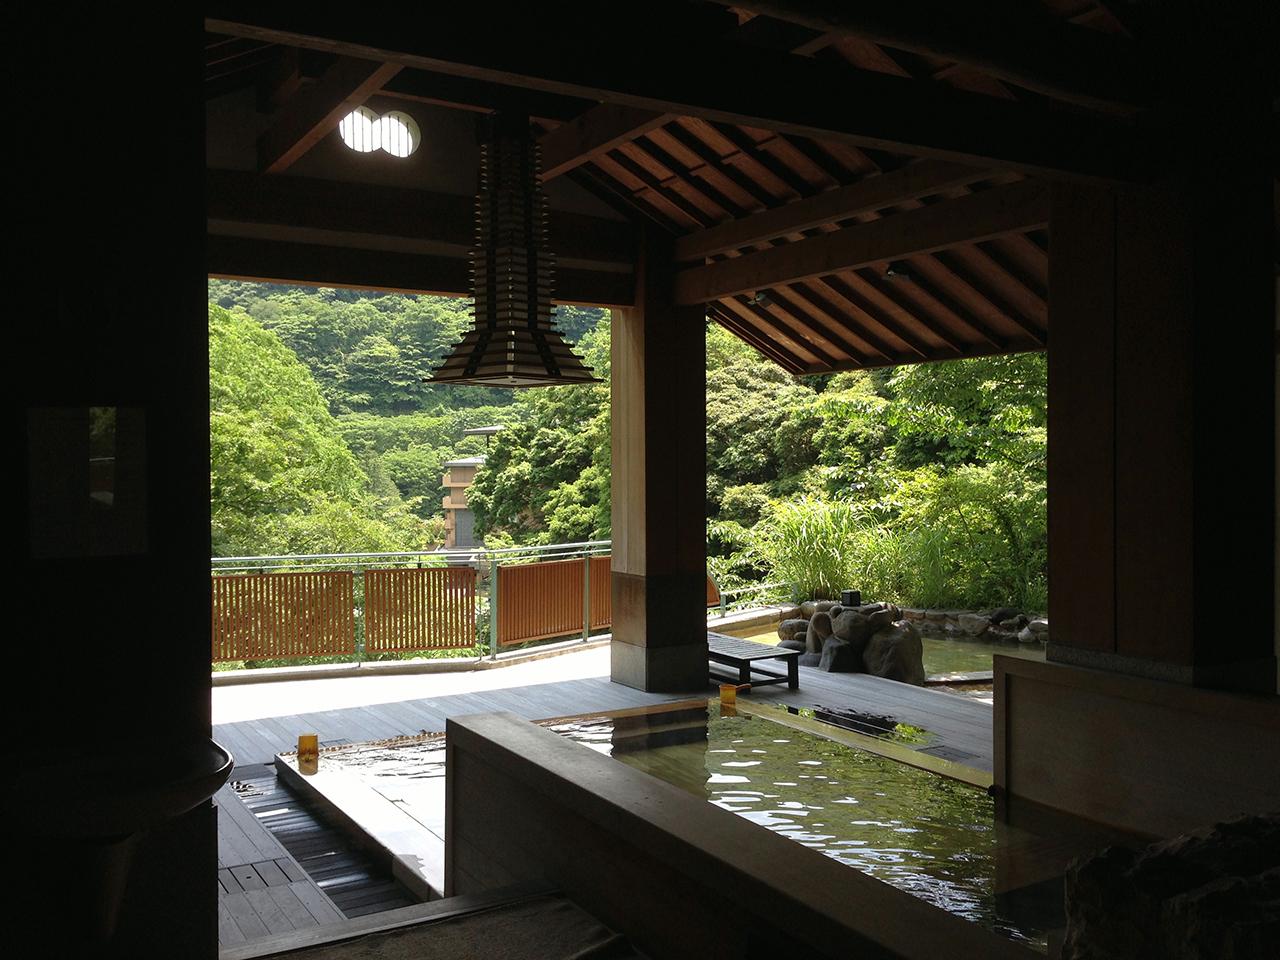 箱根湯本温泉〈天山湯治郷〉に併設される〈かよい湯治一休〉